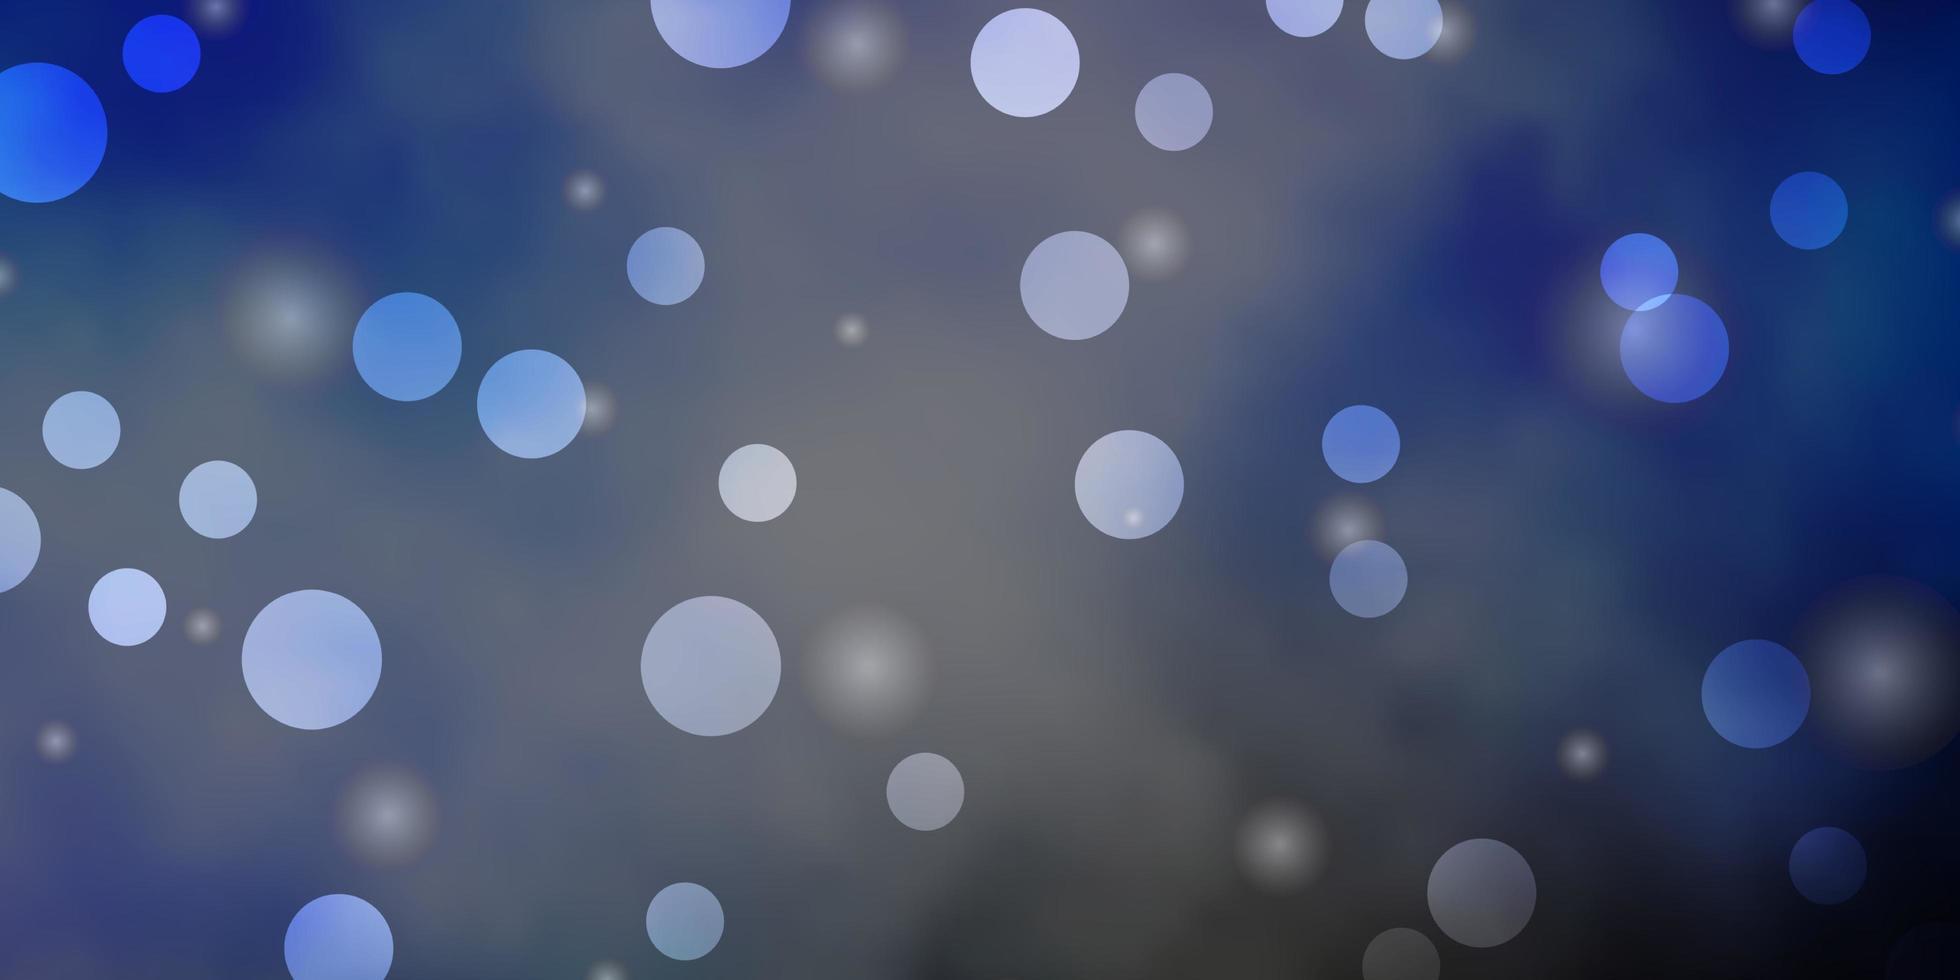 fondo azul, amarillo con círculos, estrellas. vector